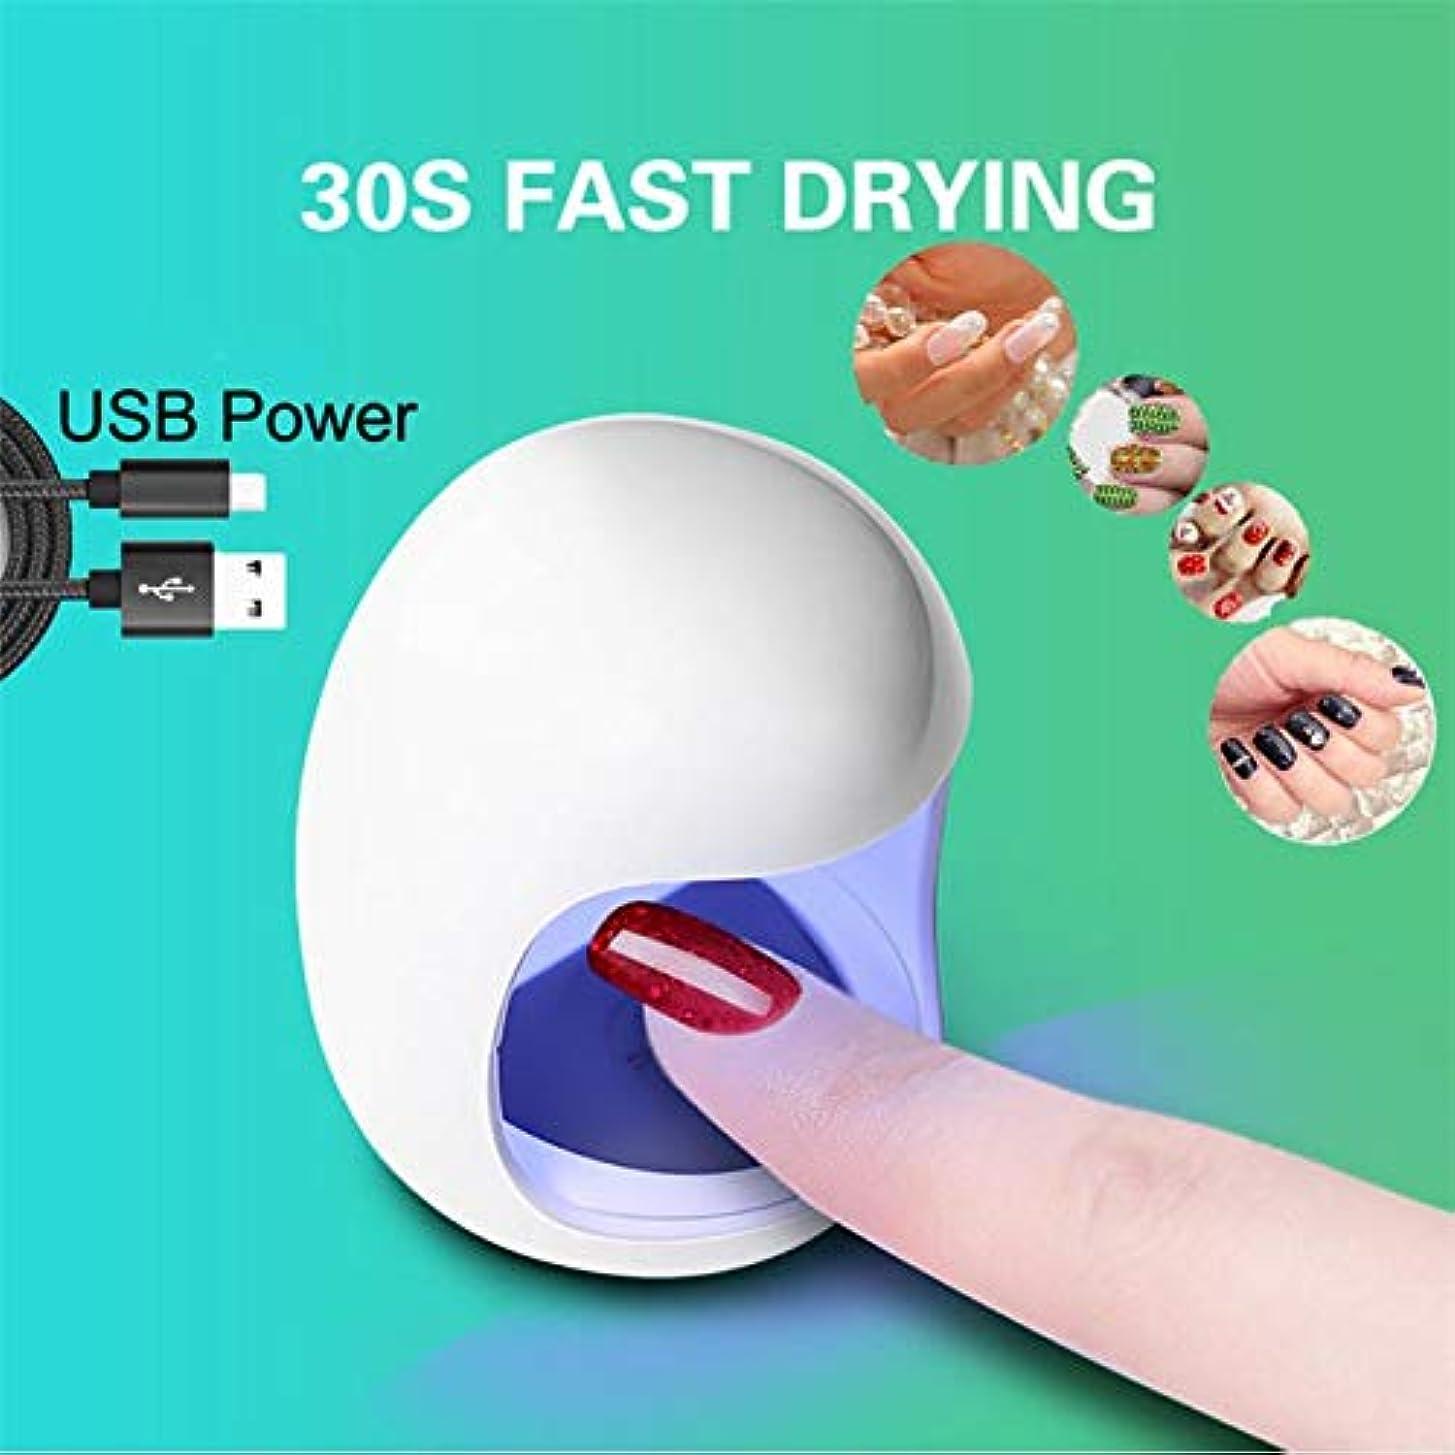 著名な無心交渉する58 × 45 × 45 ミリメートル 3 ワットホワイトミニ Usb UV ネイルジェル硬化ランプライトネイルジェルポリッシュ乾燥機ネイルアート機 PC & ABS Led UV ランプ lampa